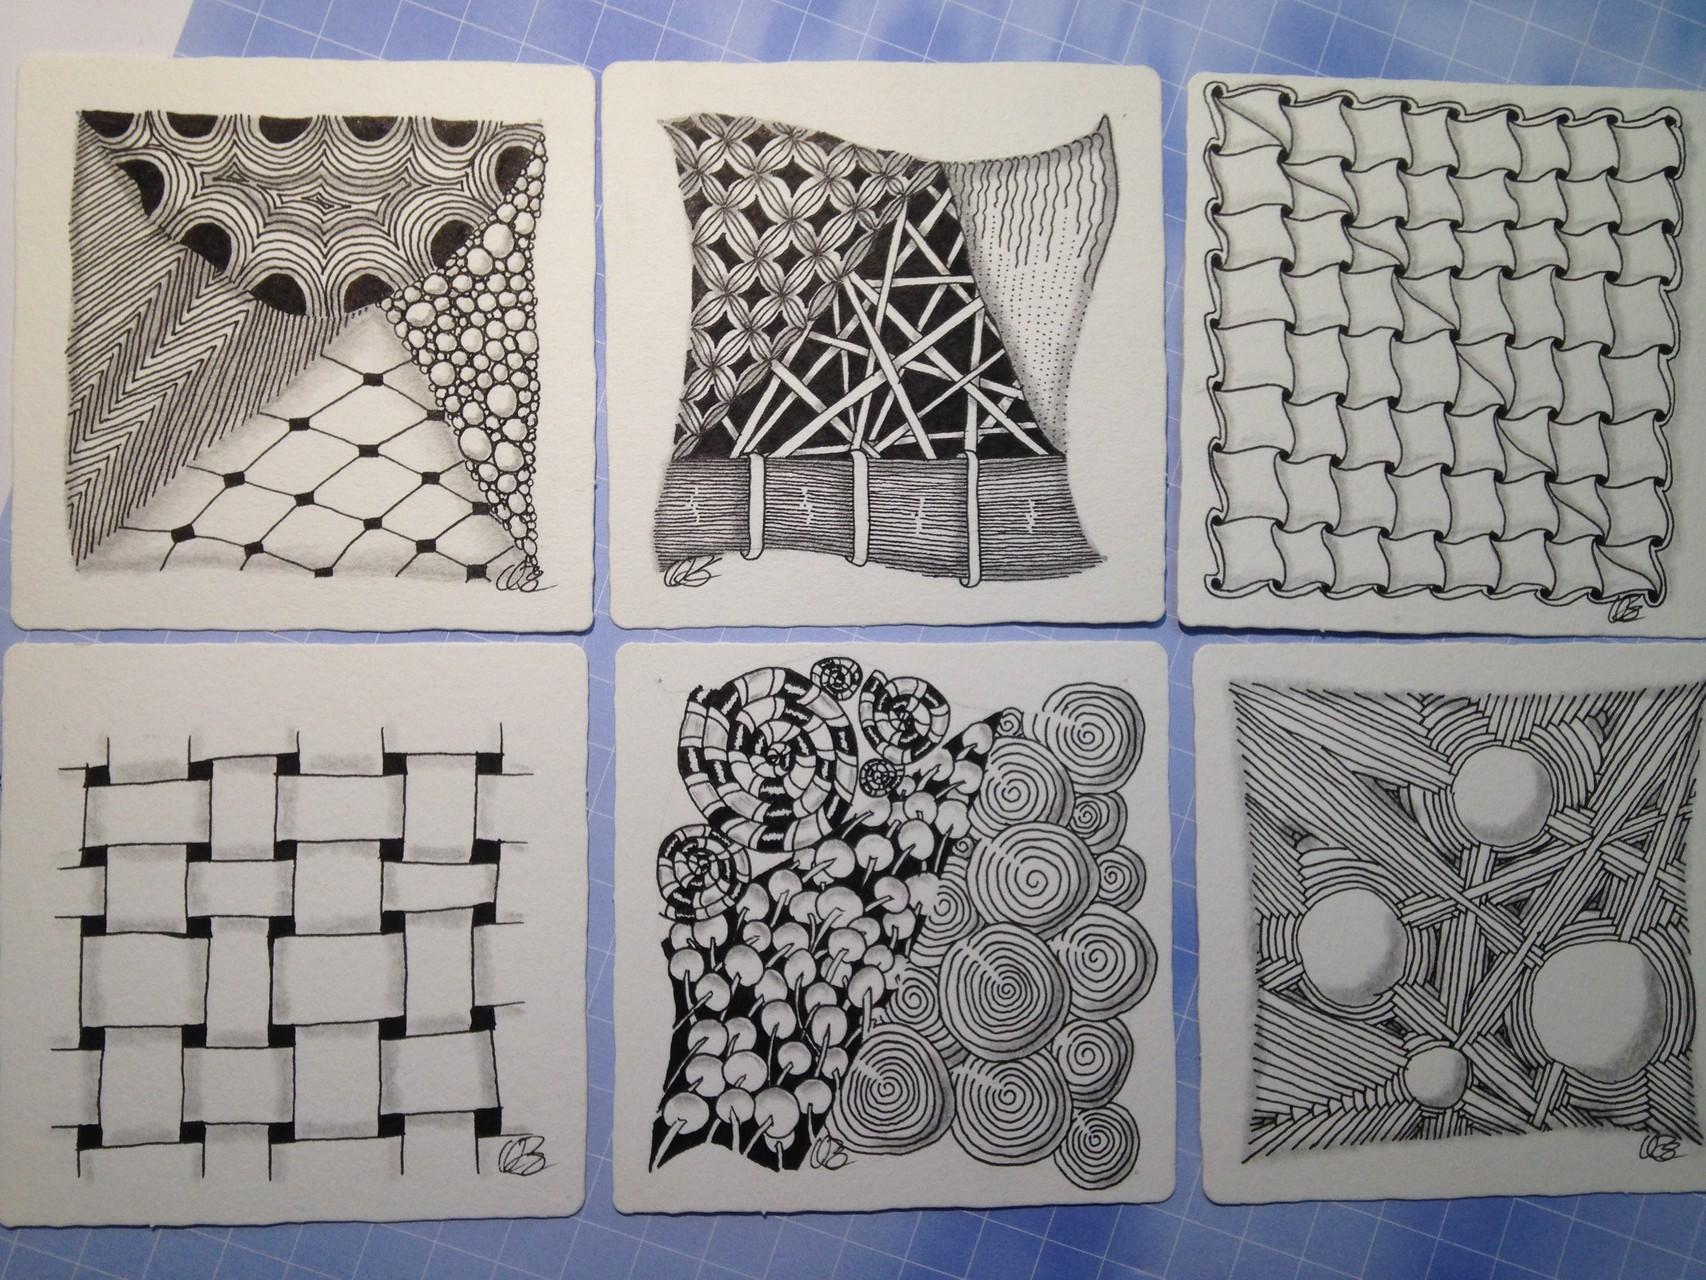 die Ergebnisse aus meinem eigenen Zentangle Kurs bei Diana Linsse